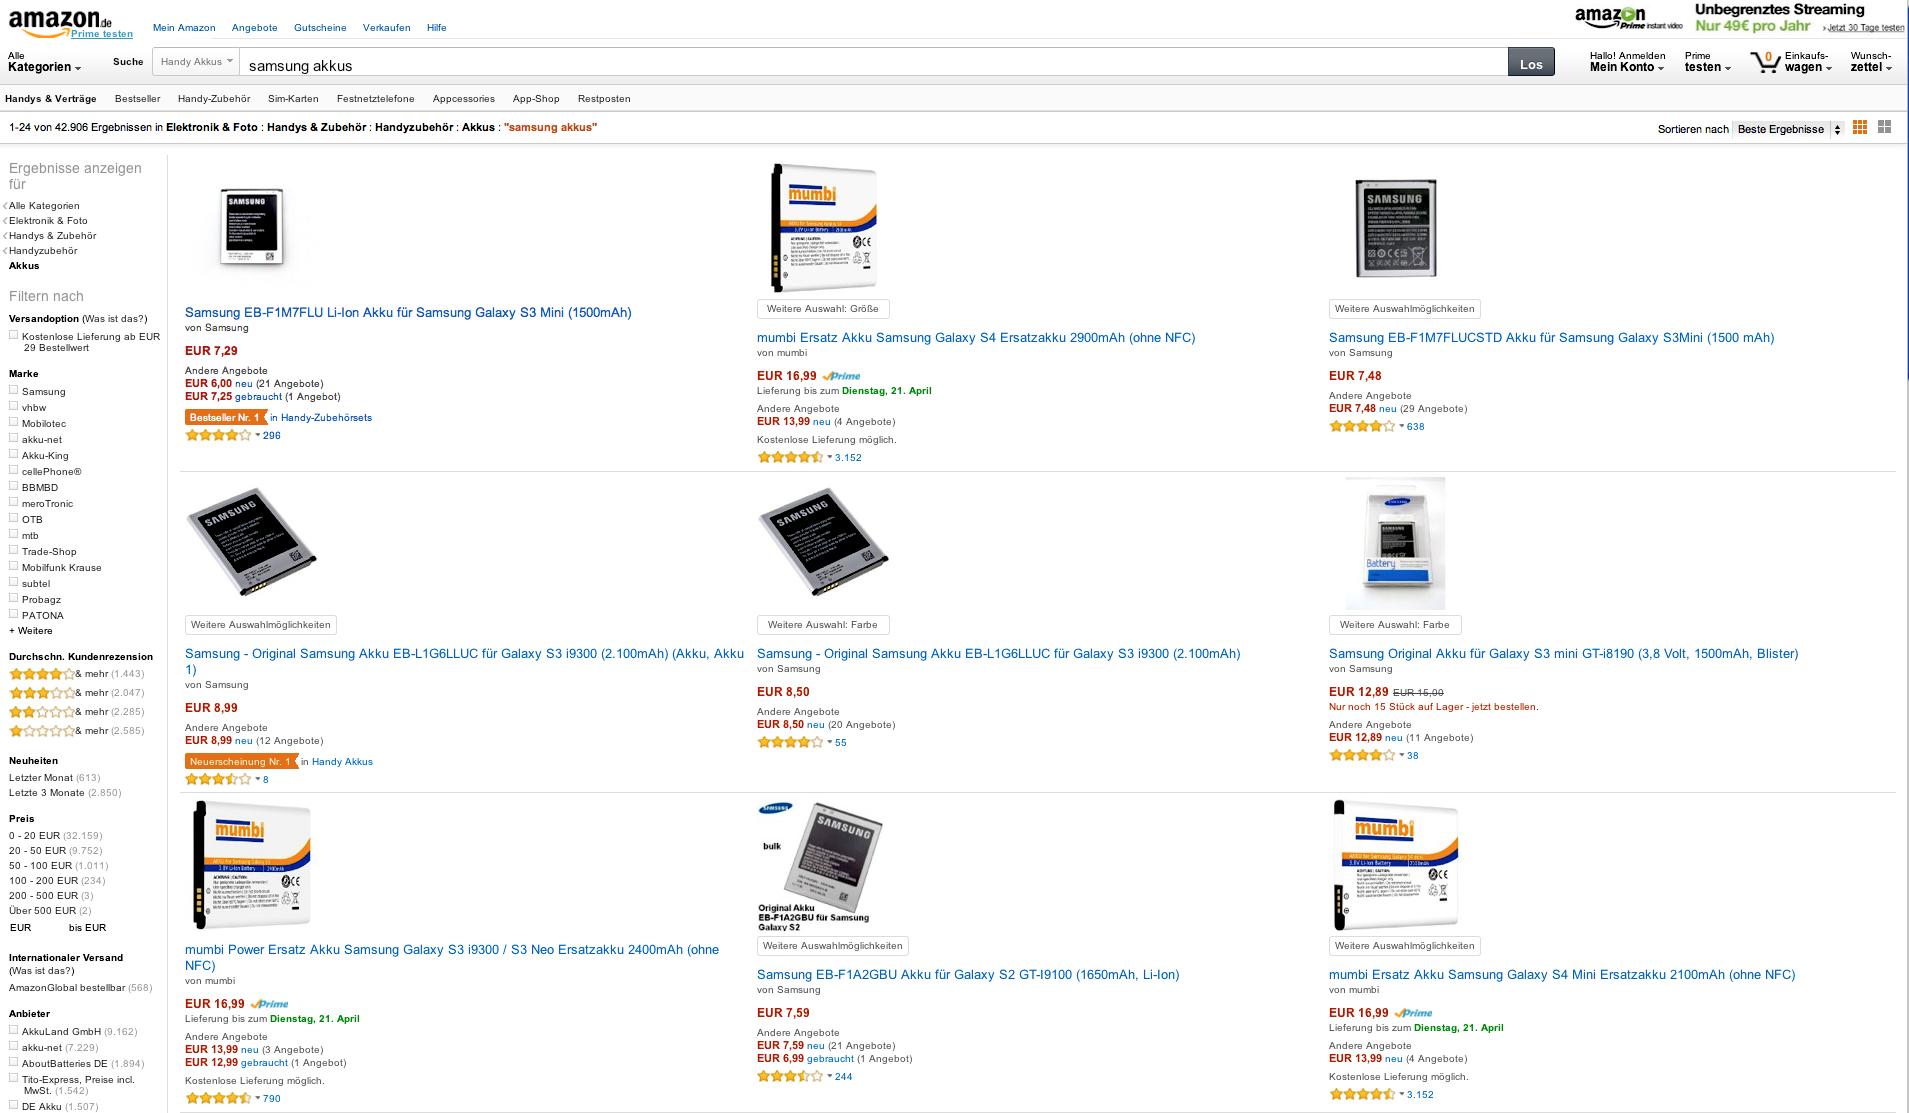 Wer bei Amazon einen Akku für sein Samsung-Smartphone bestellt, wird mit großer Wahrscheinlichkeit eine Fälschung zugeschickt bekommen. Das Computermagazin c't hat zwölf Akkus bestellt – alle zwölf waren gefälscht.